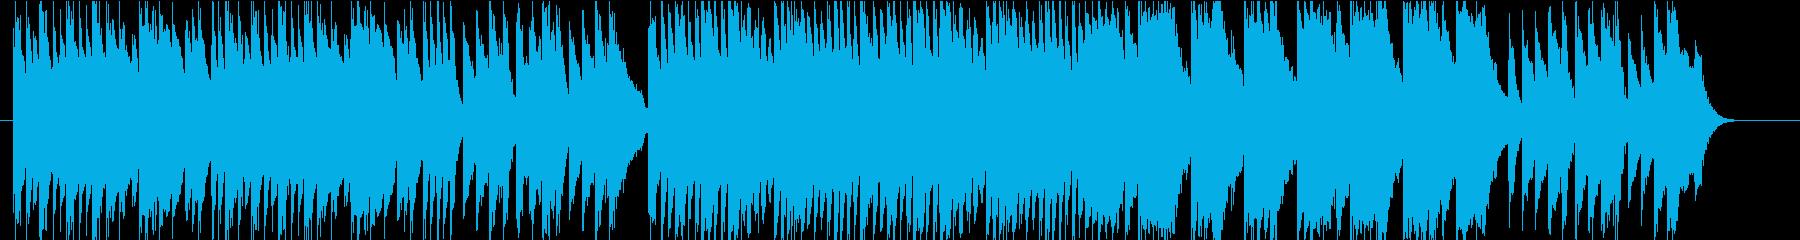 クラシック調のピアノBGMの再生済みの波形